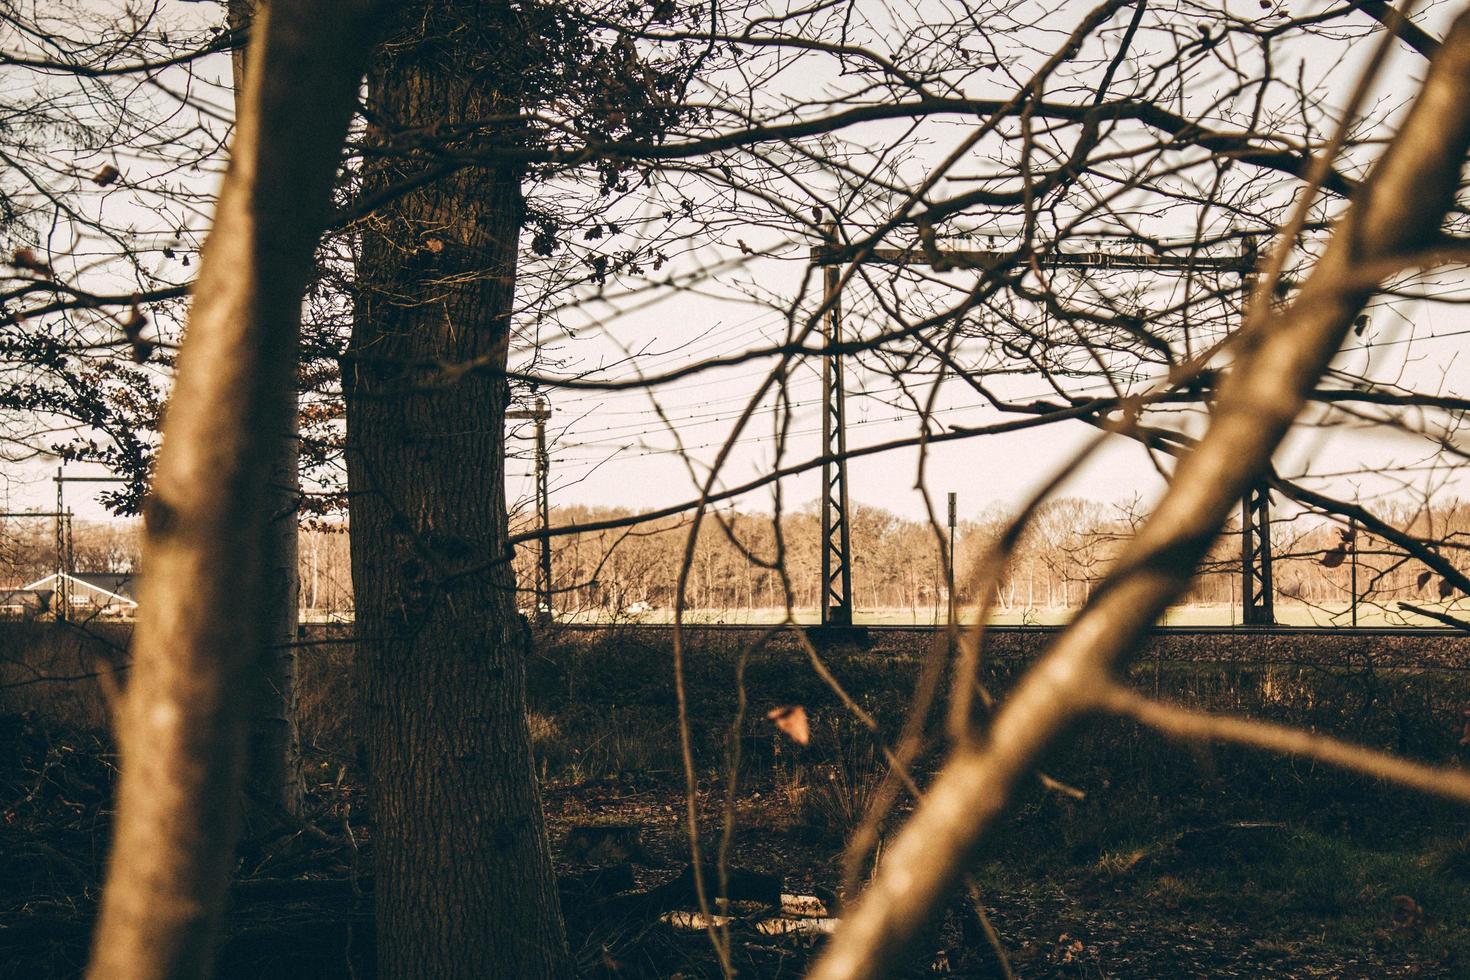 árboles desnudos durante la hora dorada foto